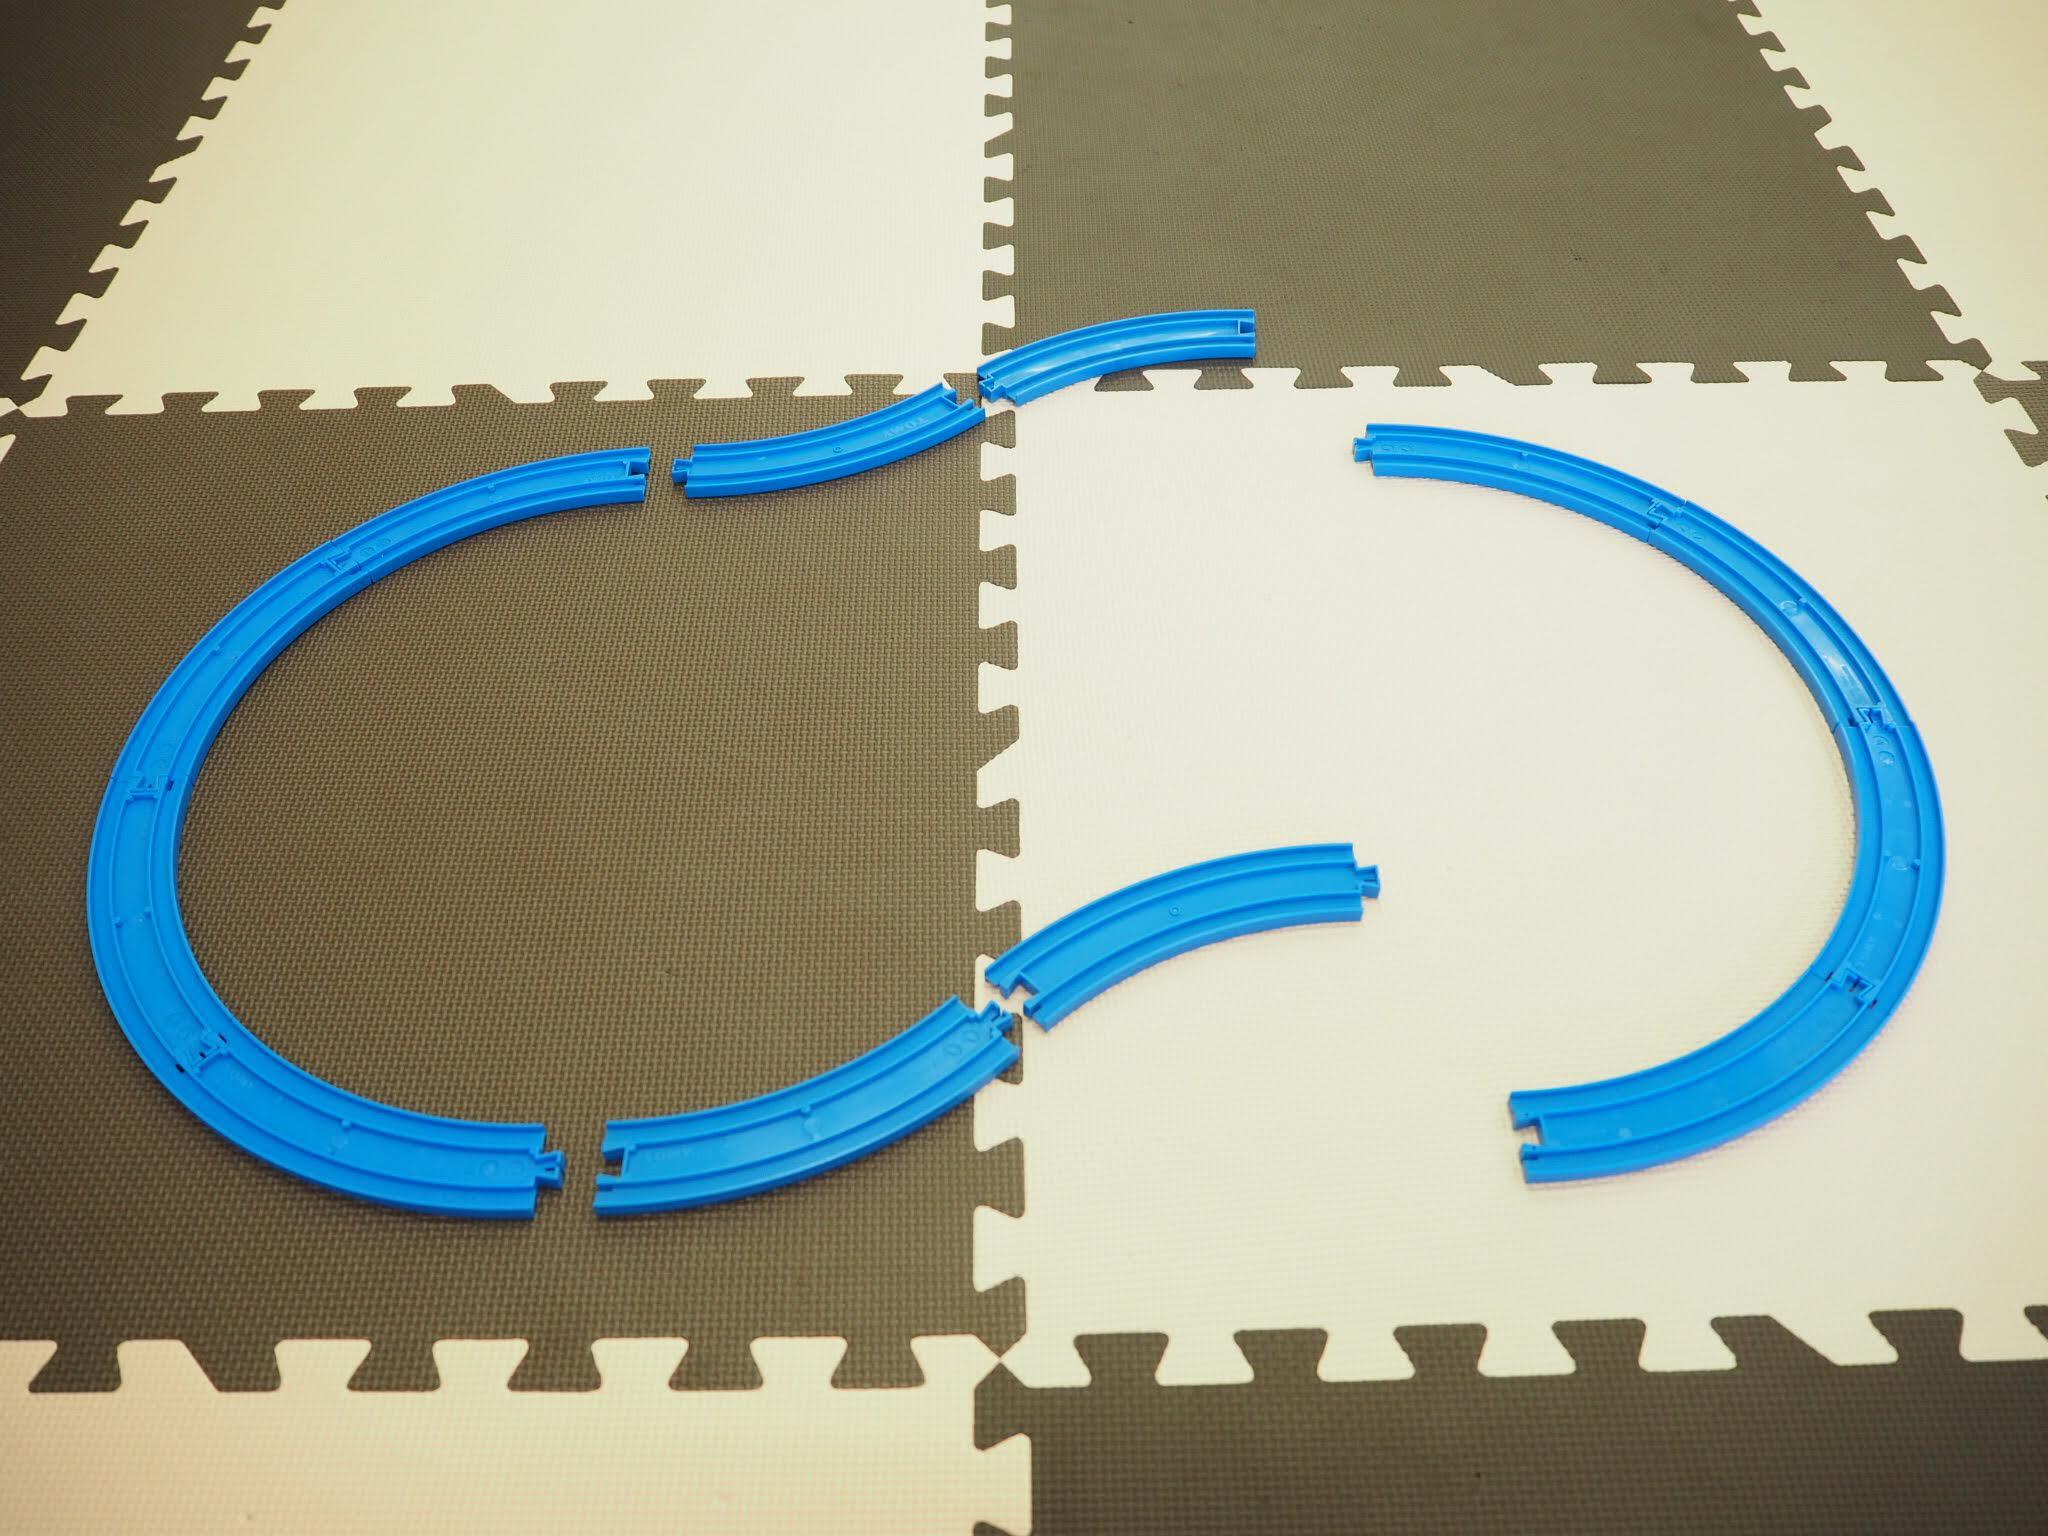 プラレールレイアウトの組み方3